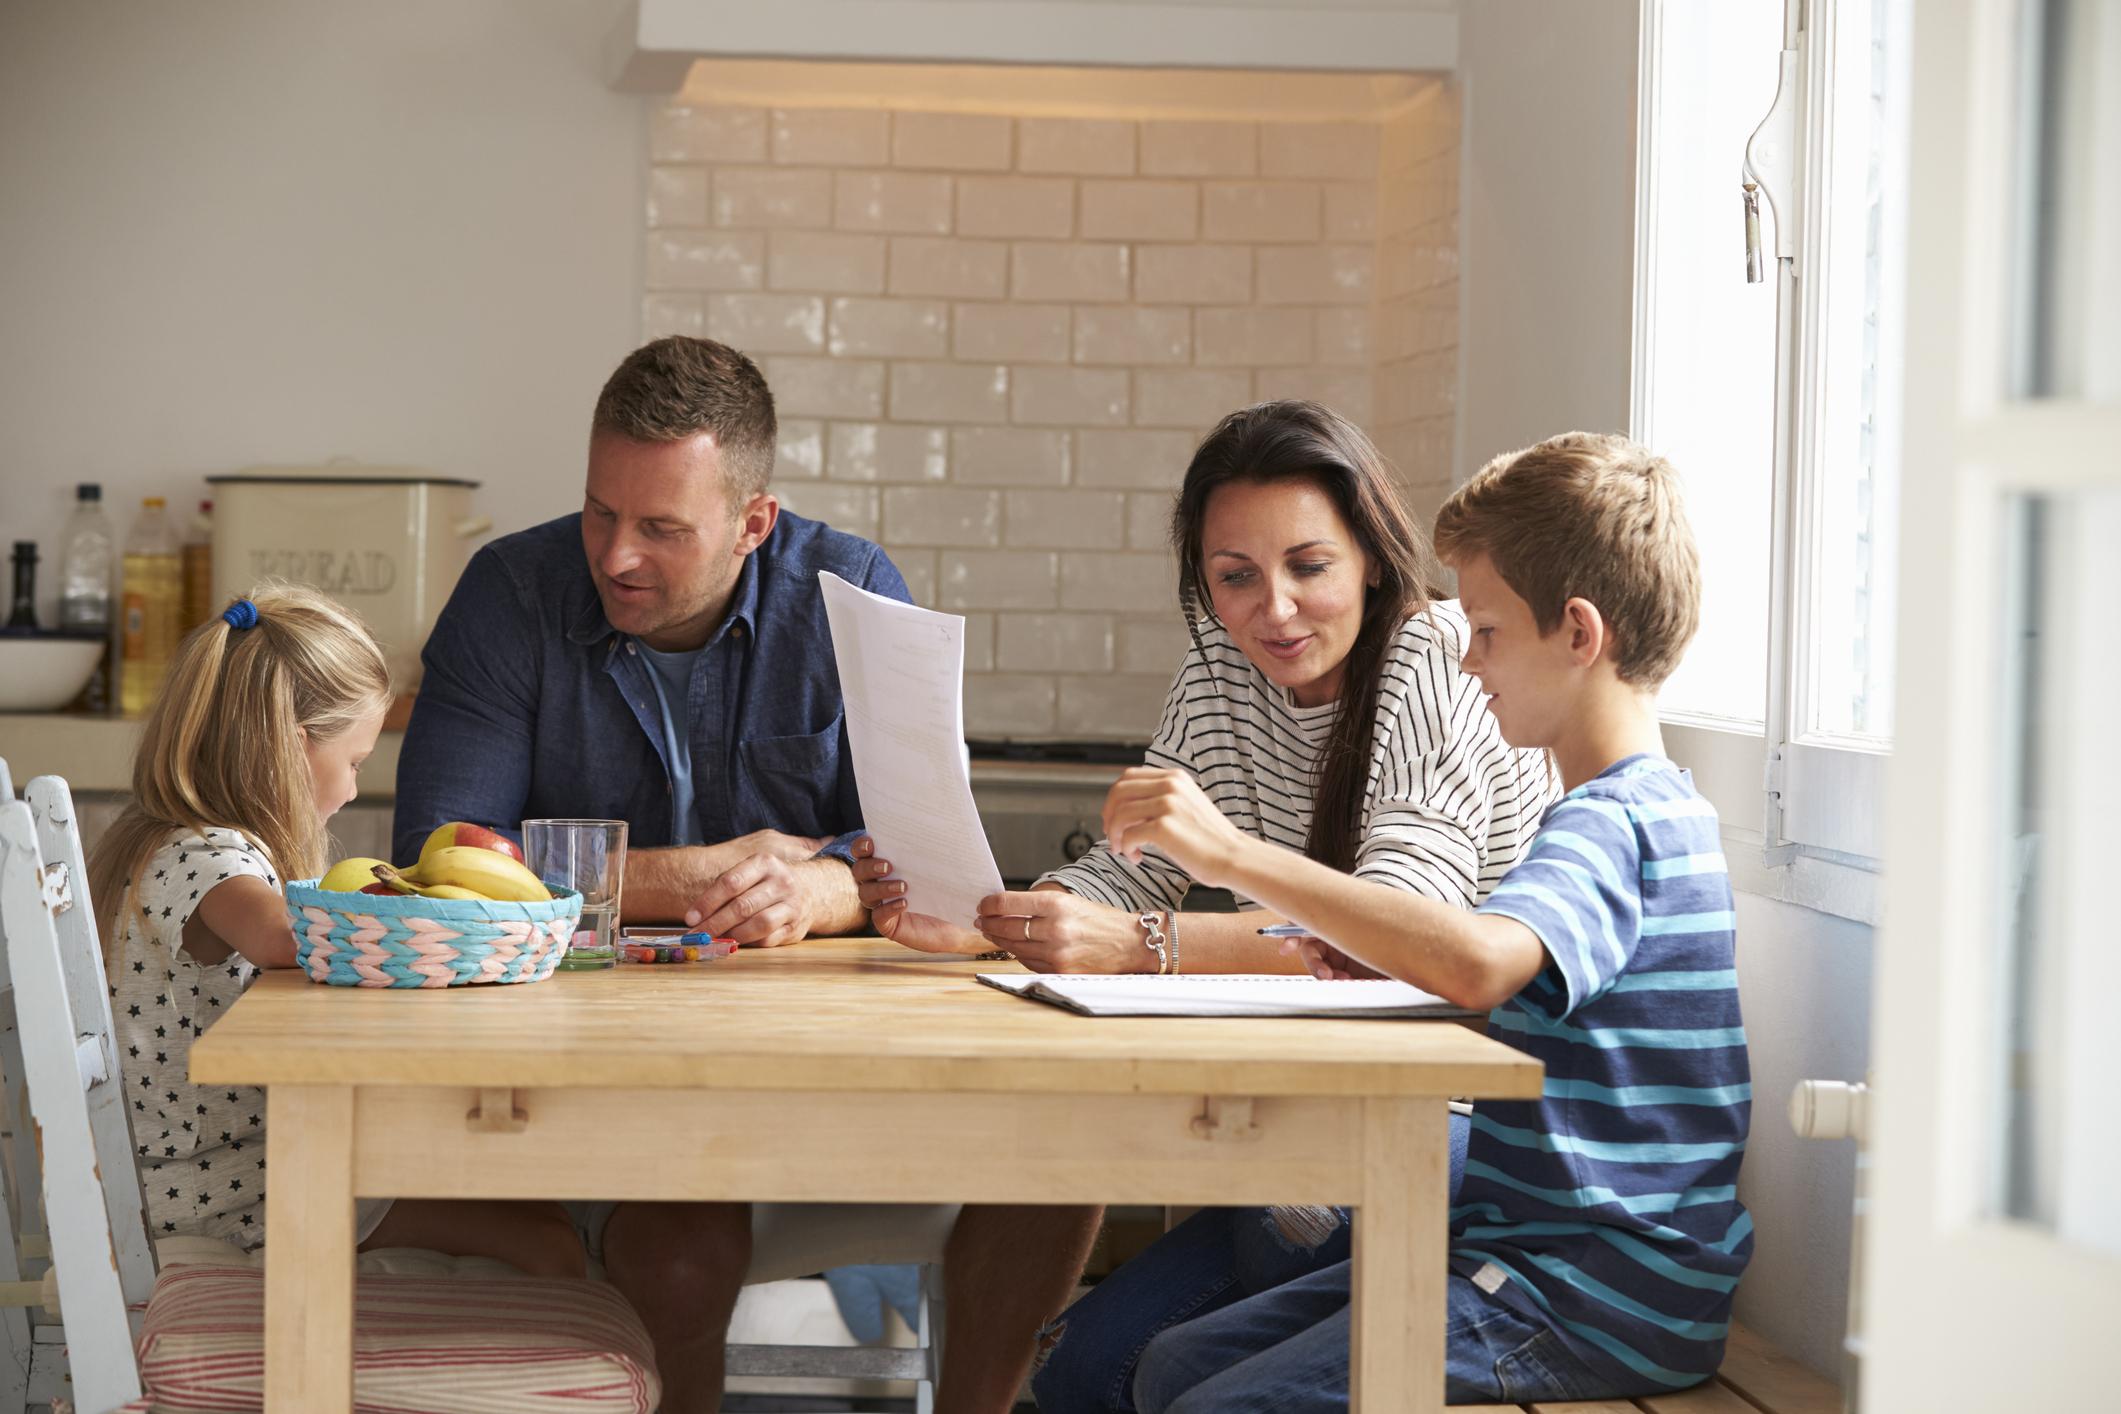 Como agir no convívio em casa com as crianças sem gerar ansiedade